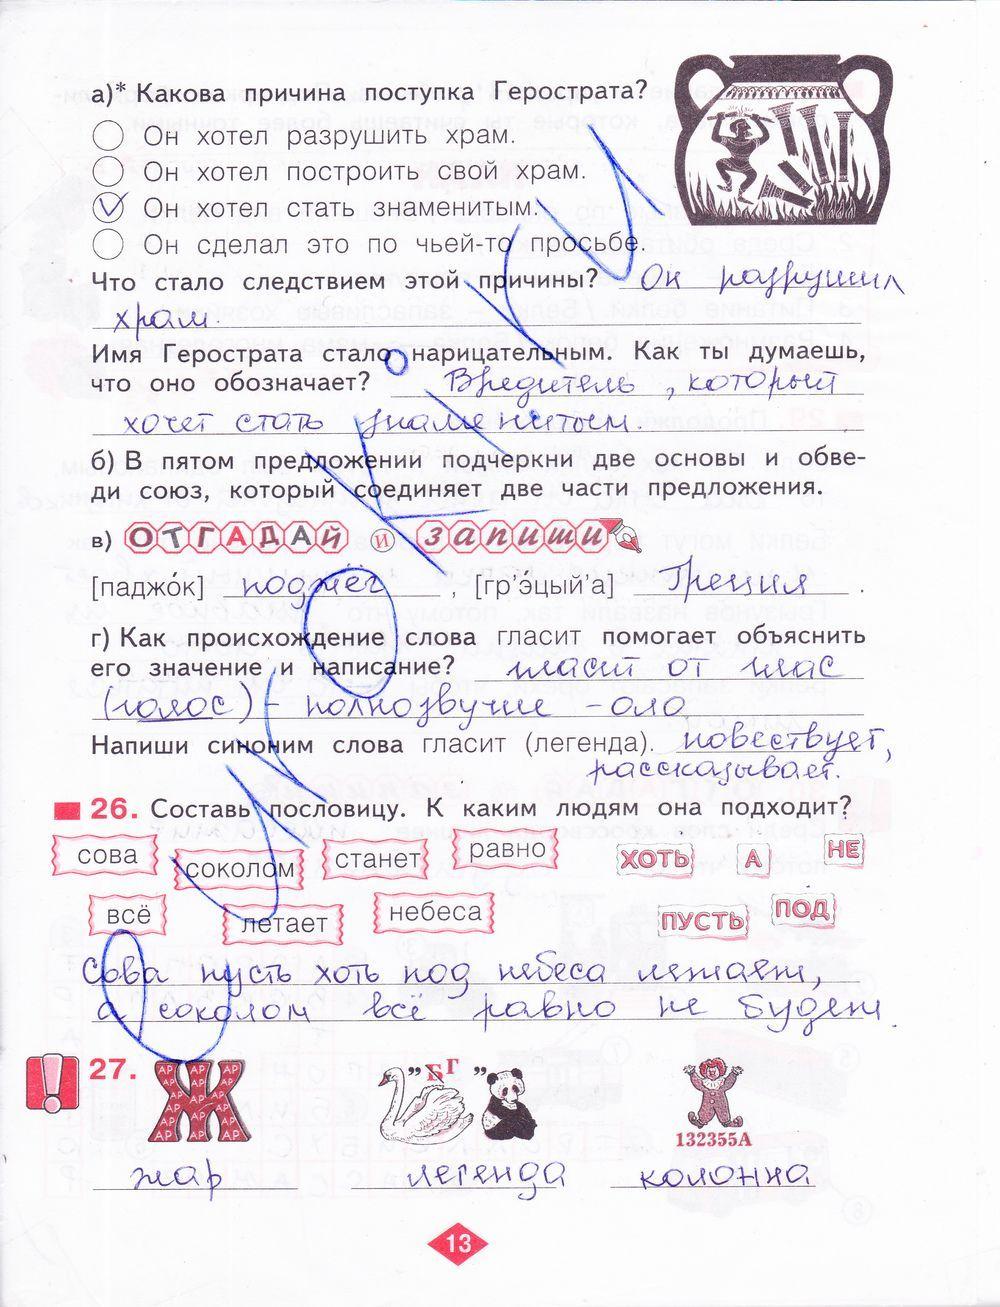 Русский яз 10-11 класс сабаткоев панов шакирова решебник